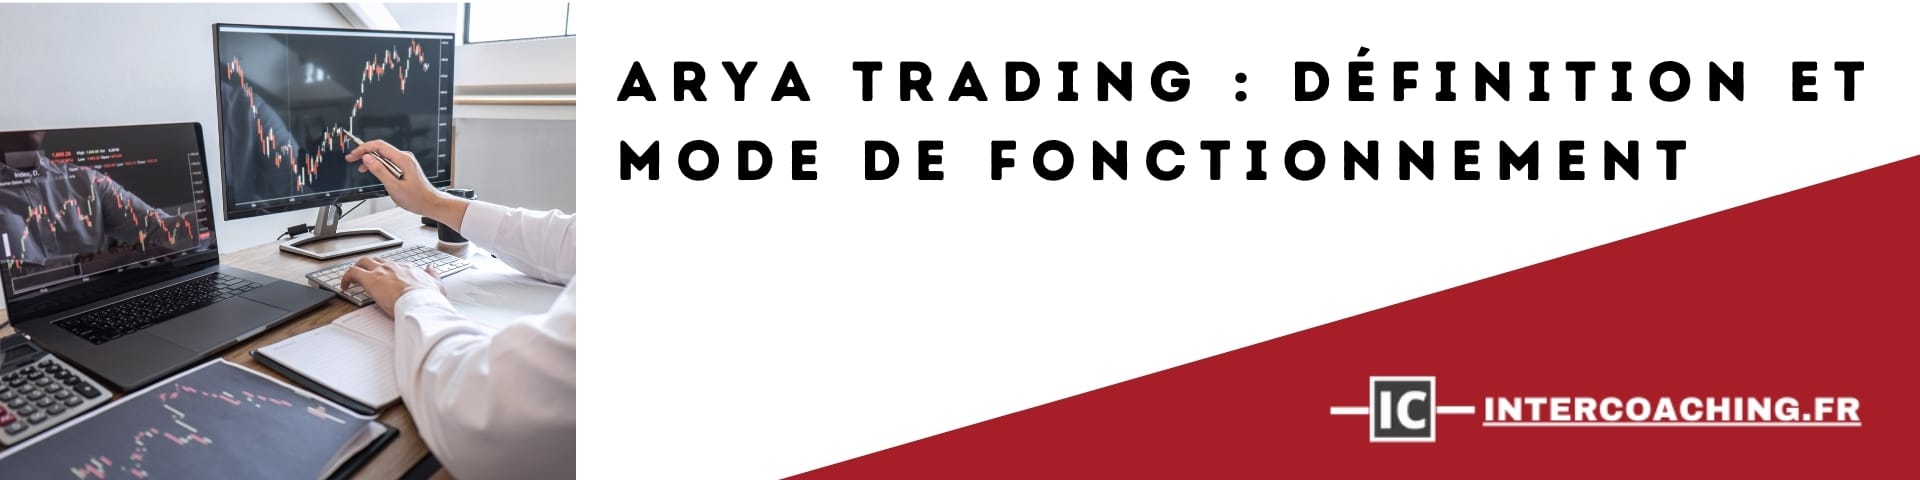 ARYA Trading : définition et mode de fonctionnement